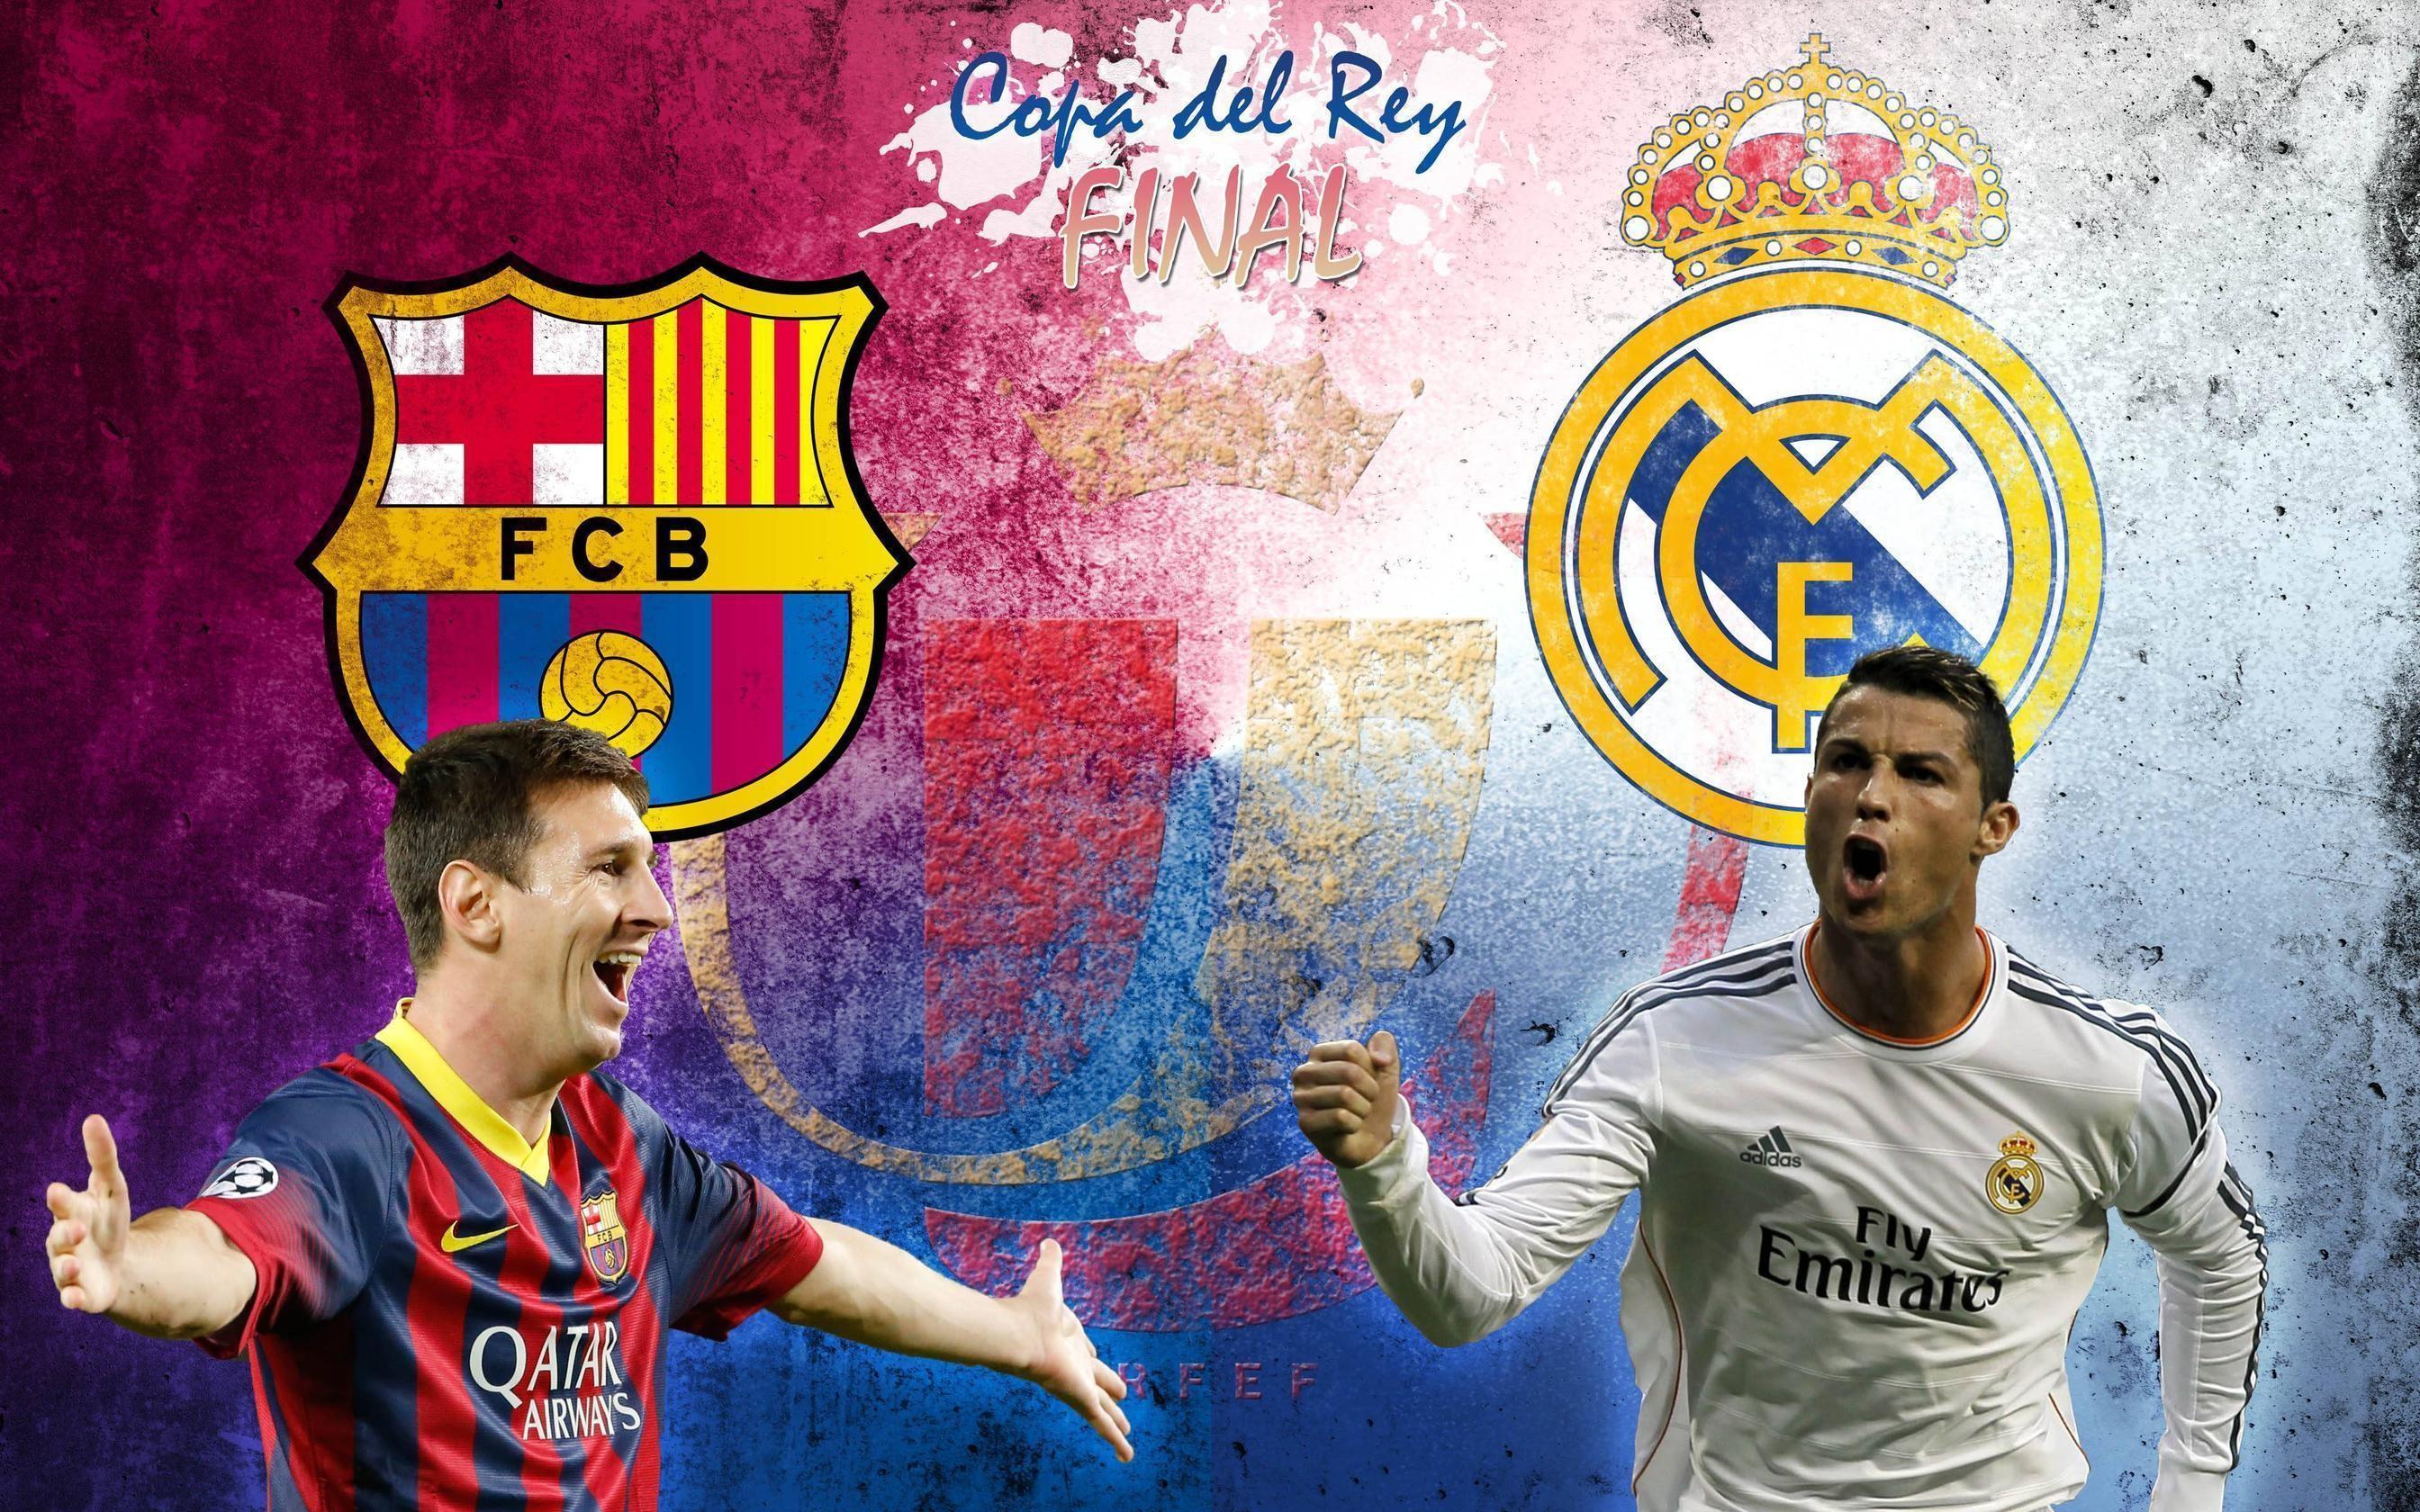 Cristiano Ronaldo Vs Lionel Messi 2015 Wallpapers – Wallpaper Cave